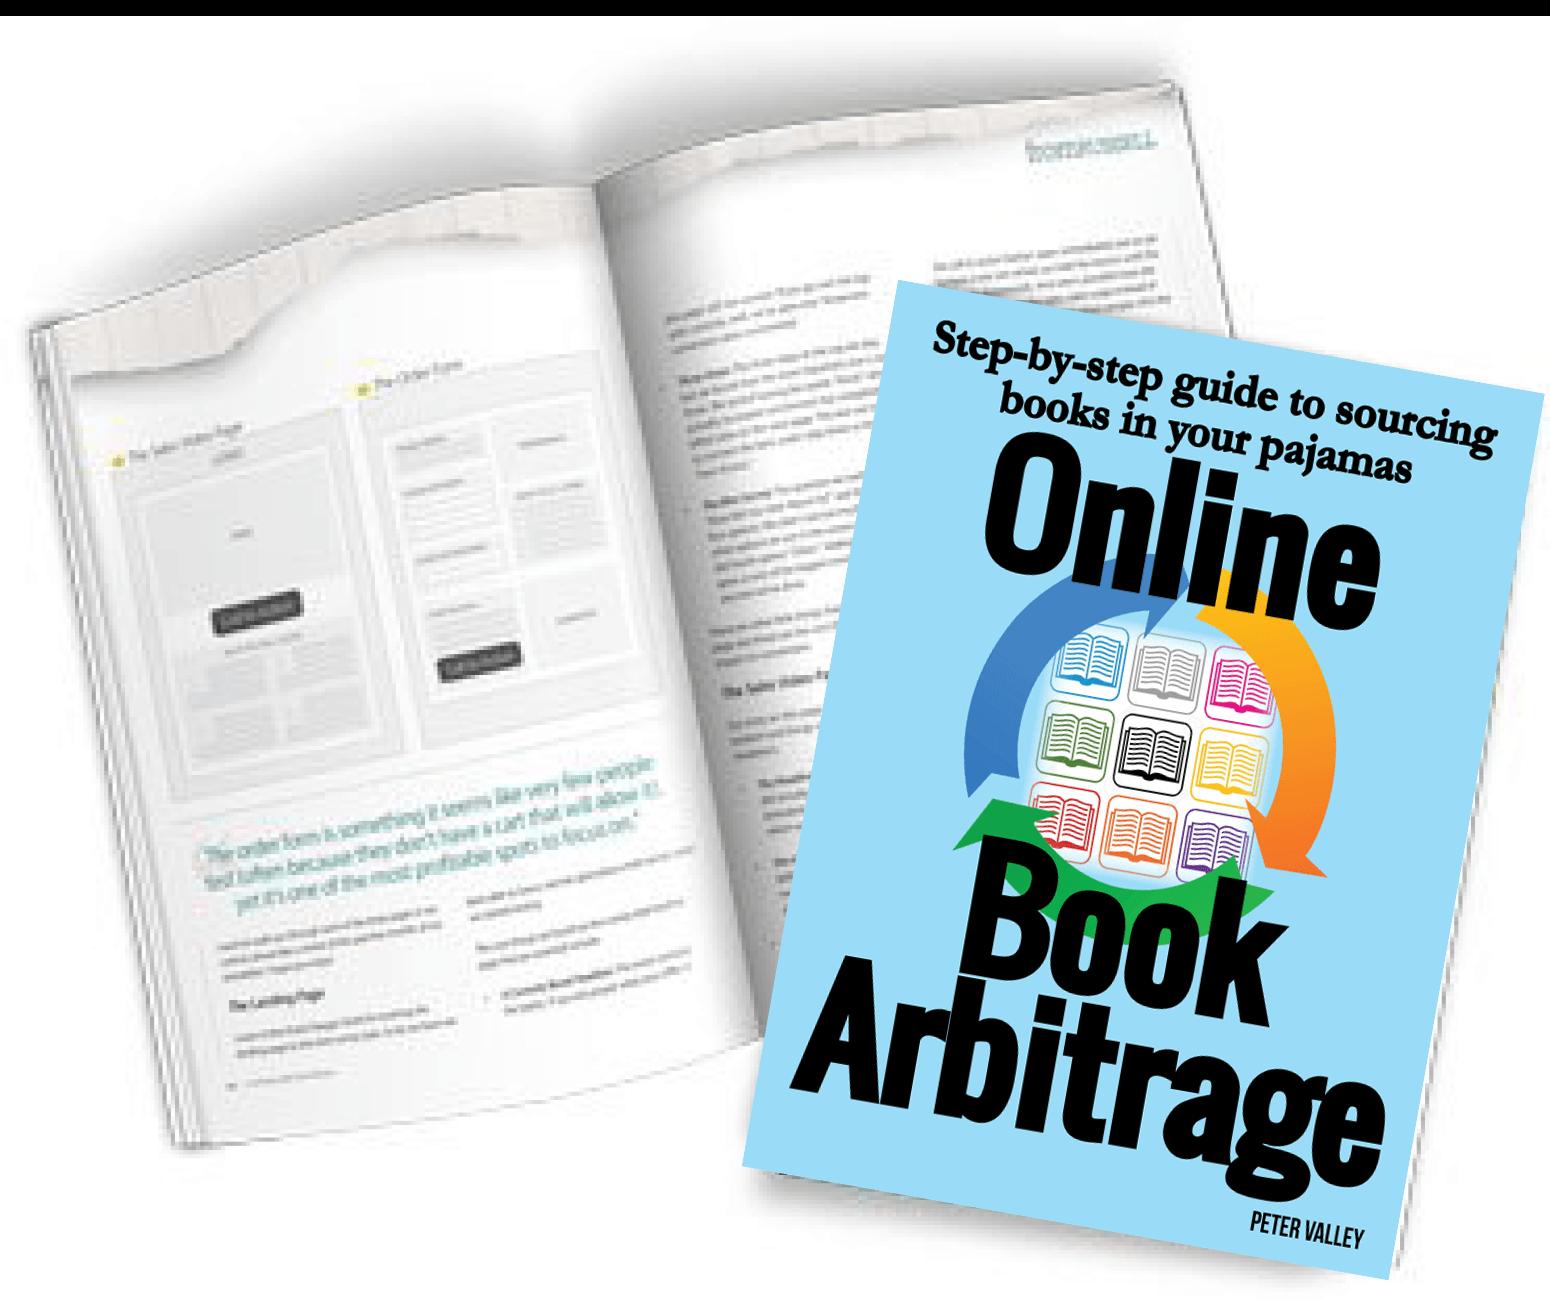 online-book-arbitrage-peter-valley